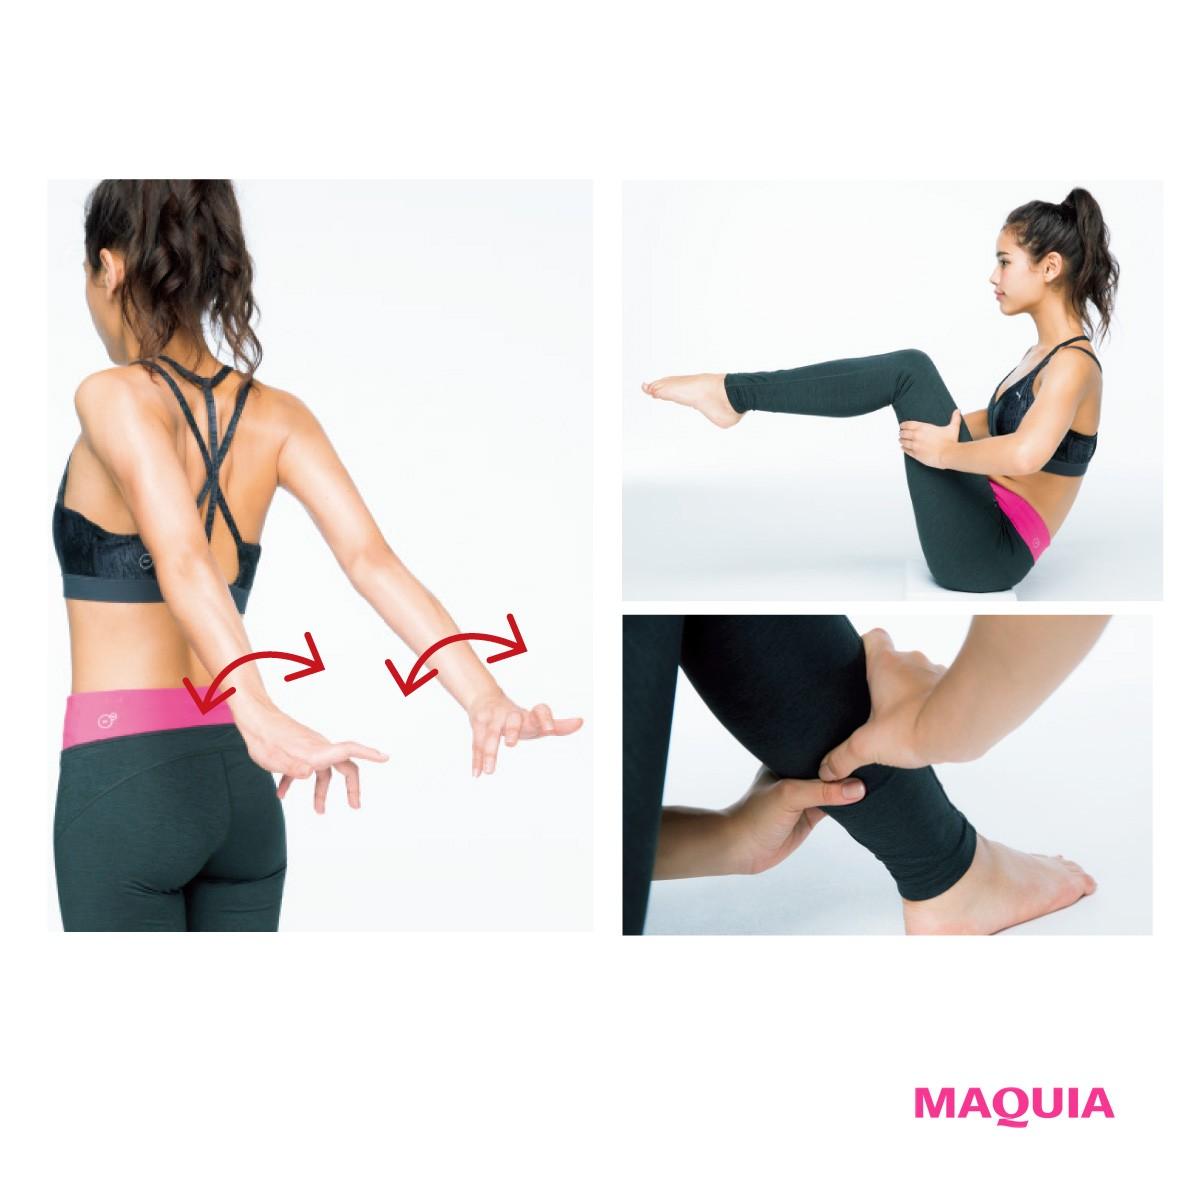 二の腕、下腹部、脚やせに効く! マッサージ&筋トレで目指せ、理想のボディライン